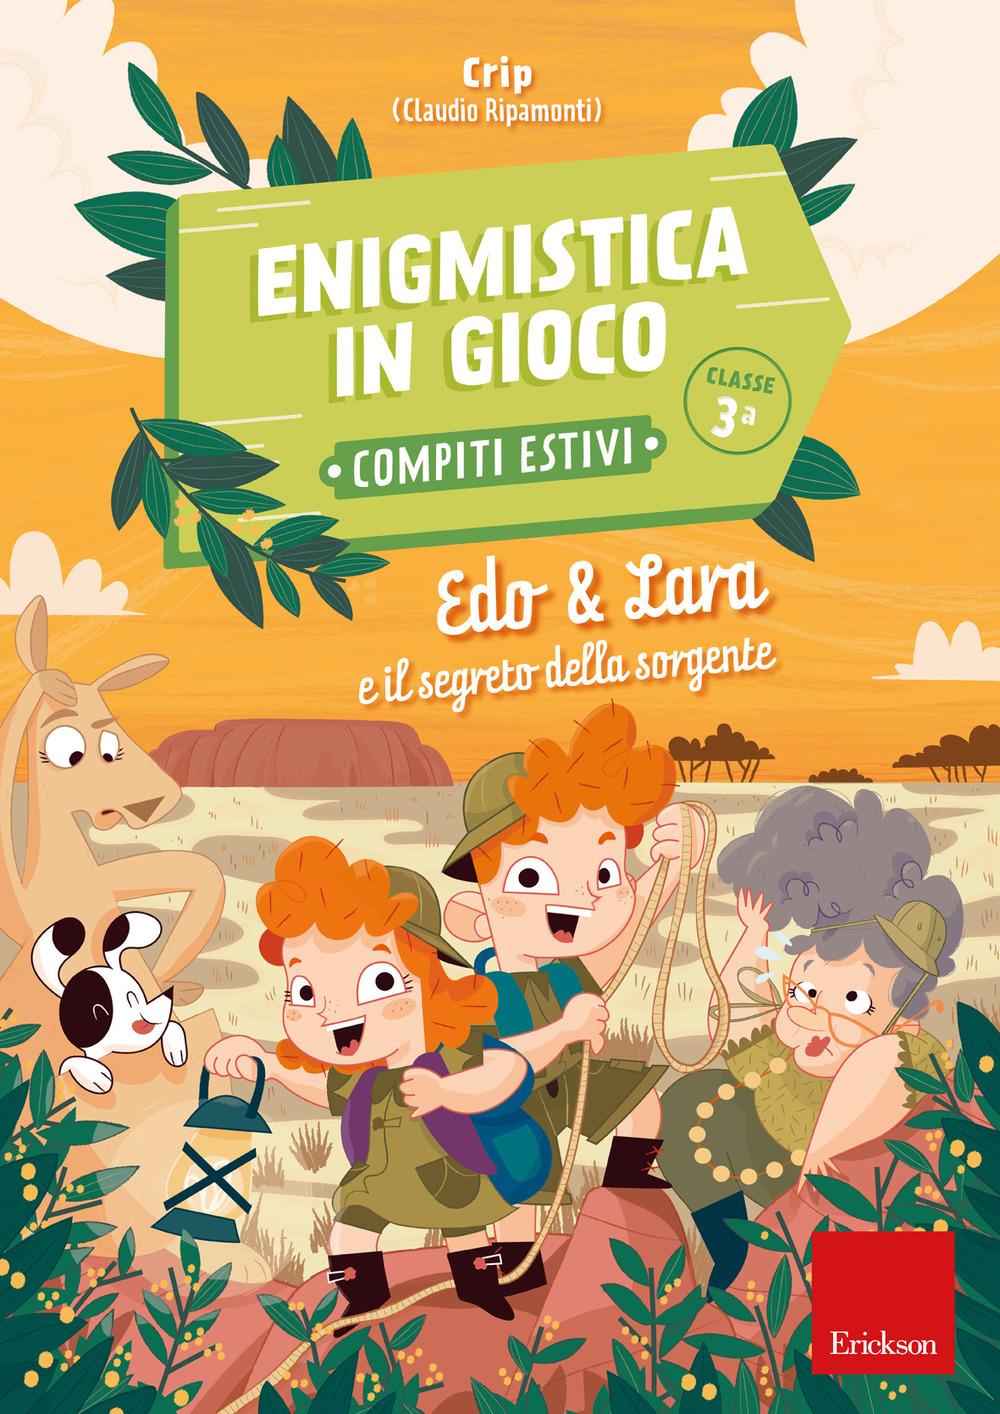 Edo & Lara e il segreto della sorgente. Enigmistica in gioco. Compiti estivi. Classe 3ª